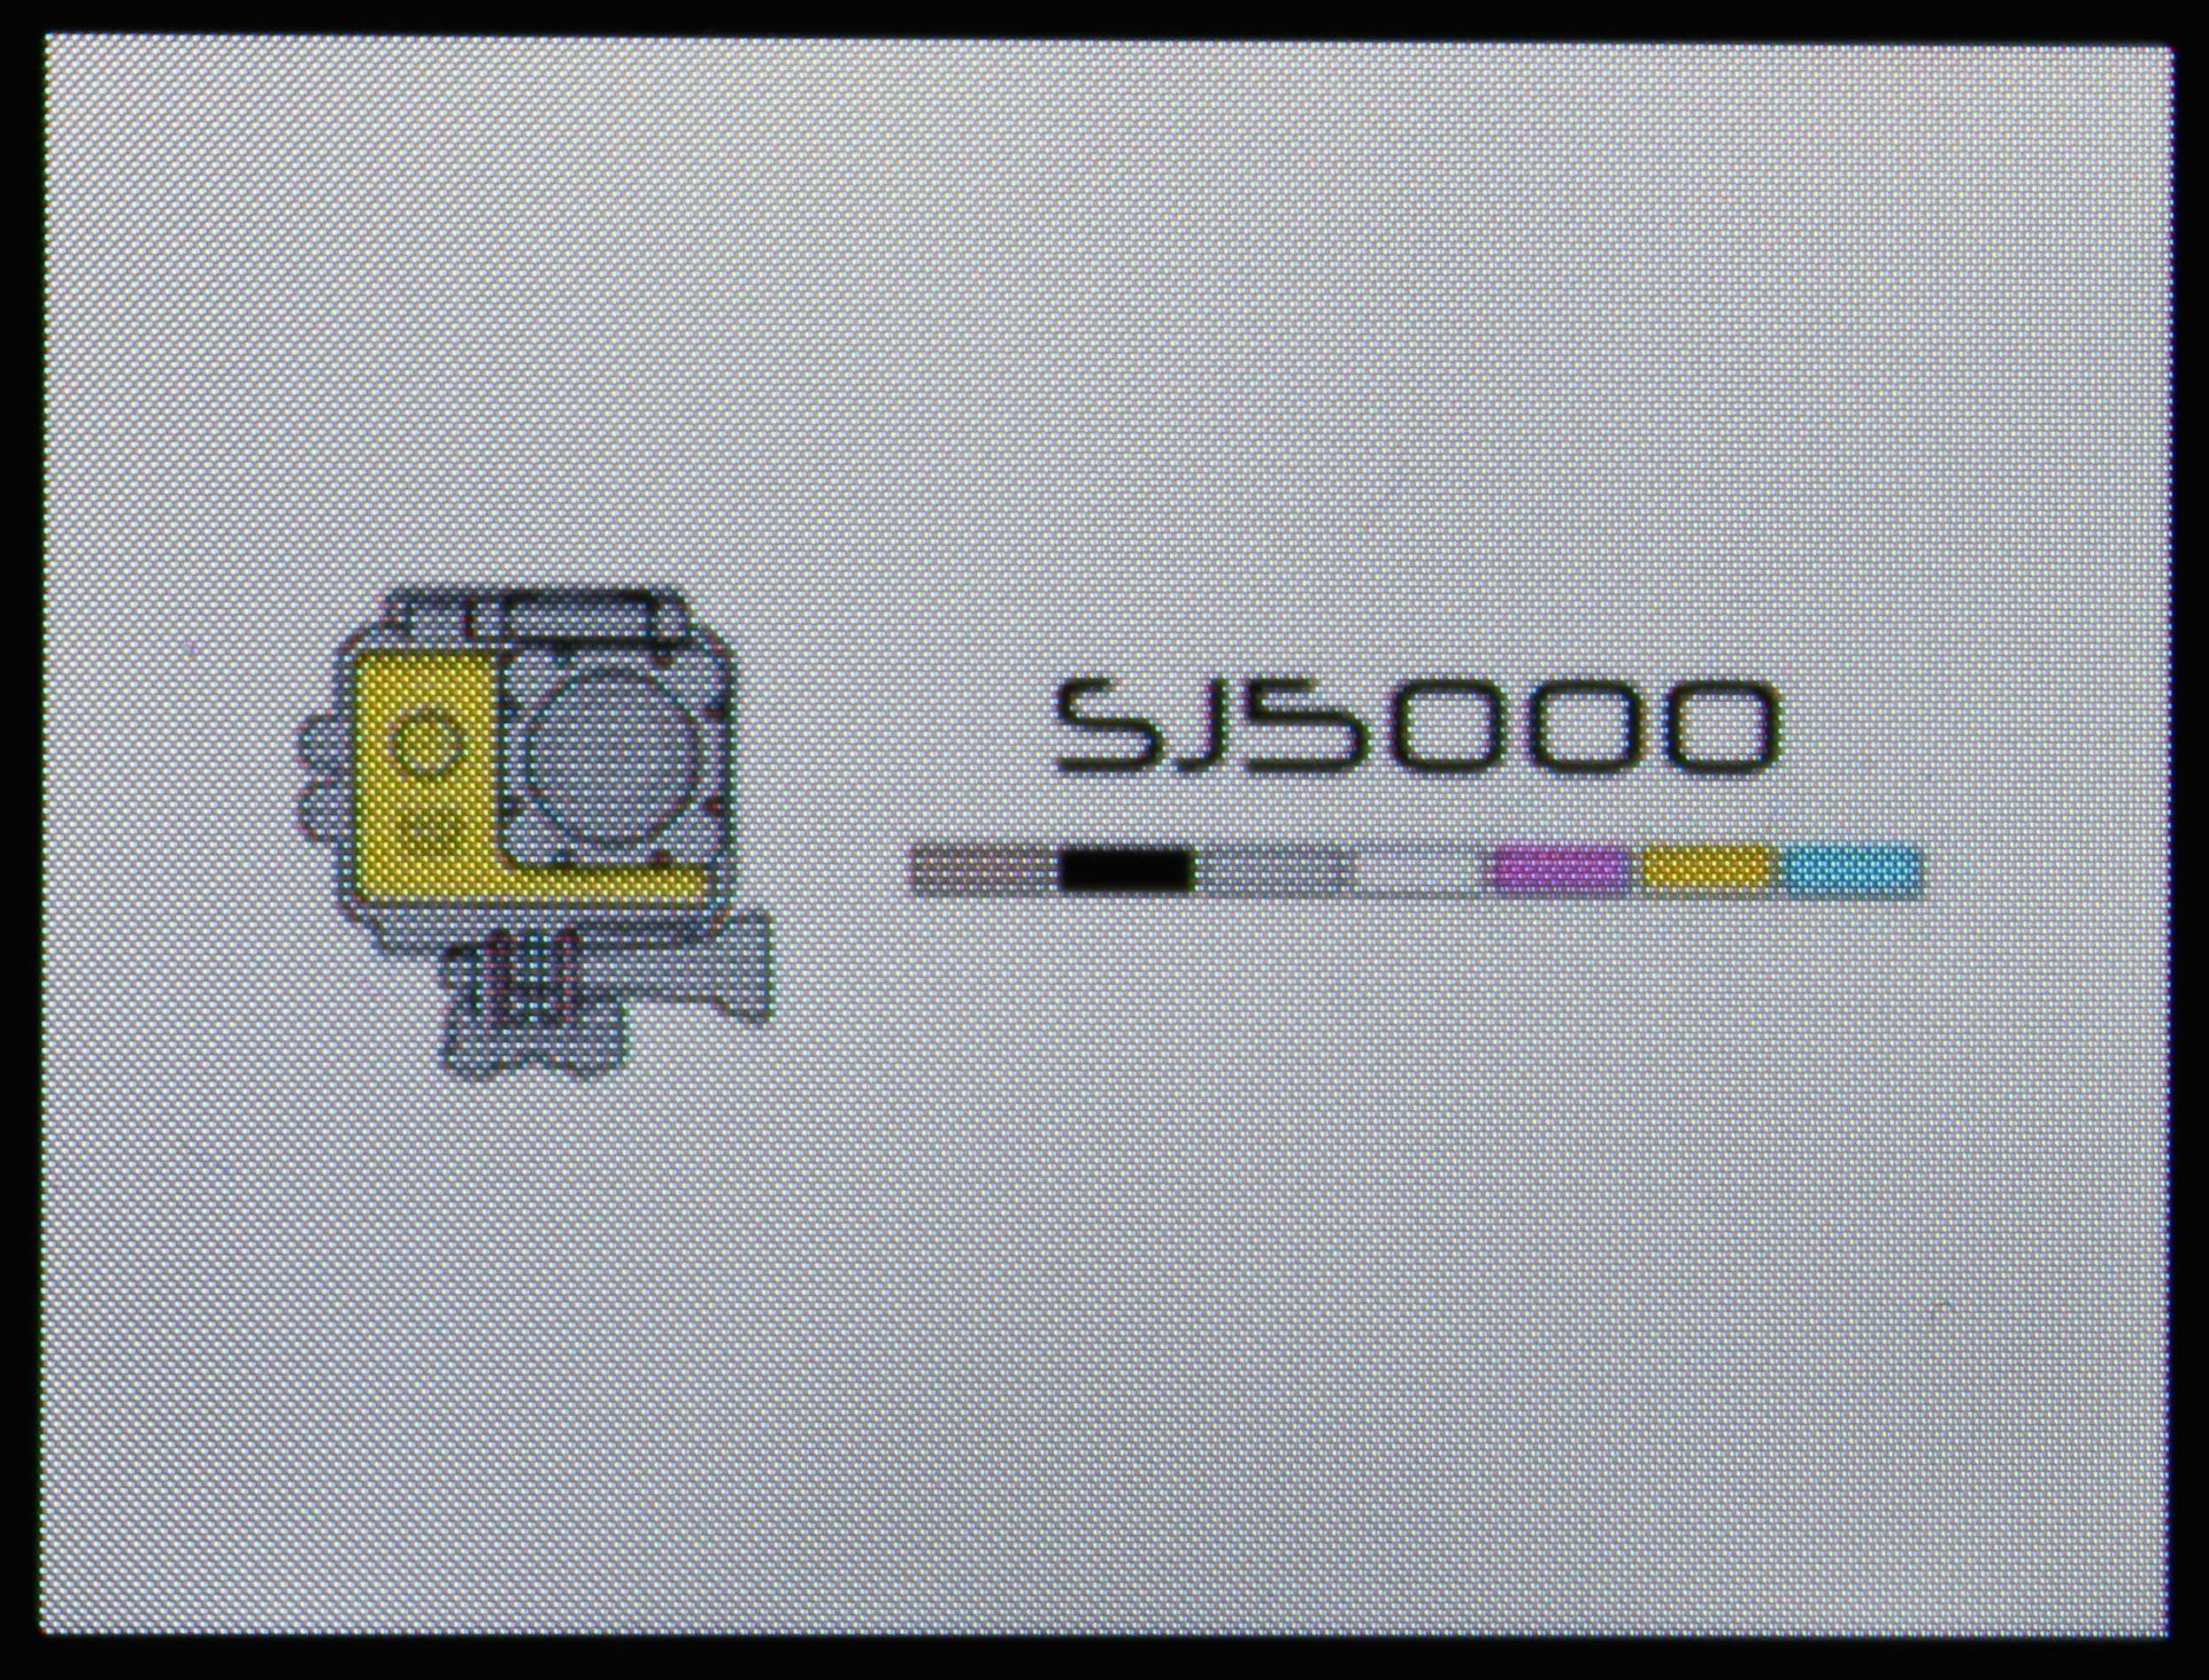 SJ5000+ Menu